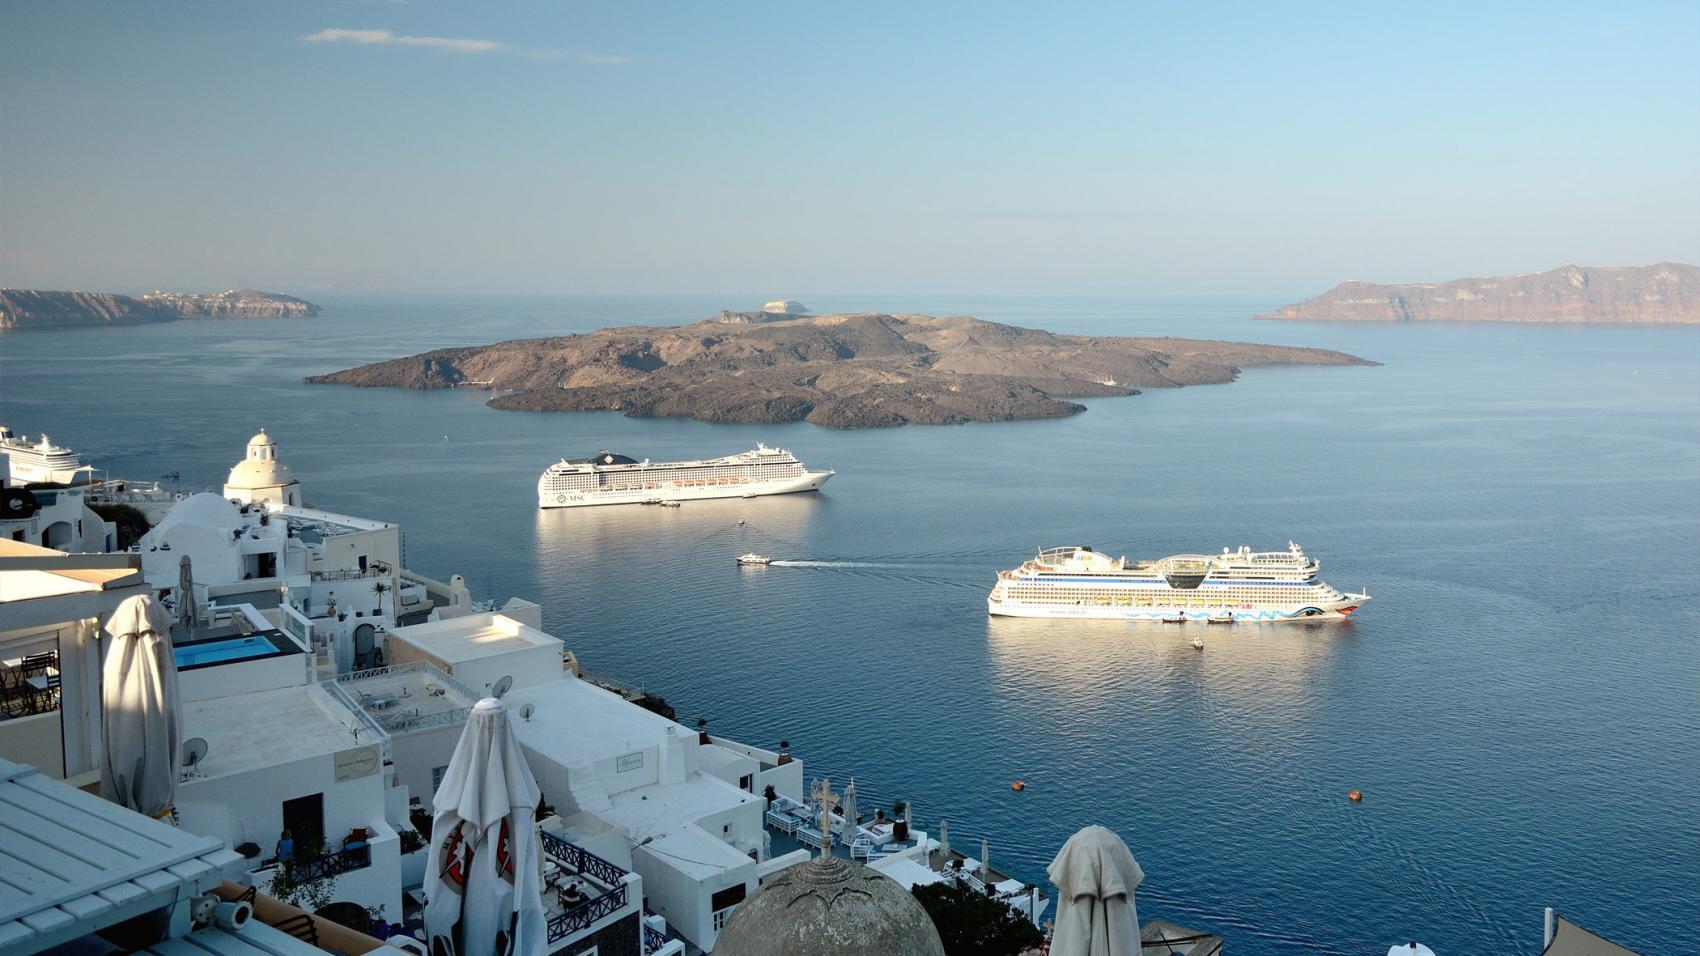 La OMT y Grecia colaborarán en un centro de investigación sobre turismo marítimo